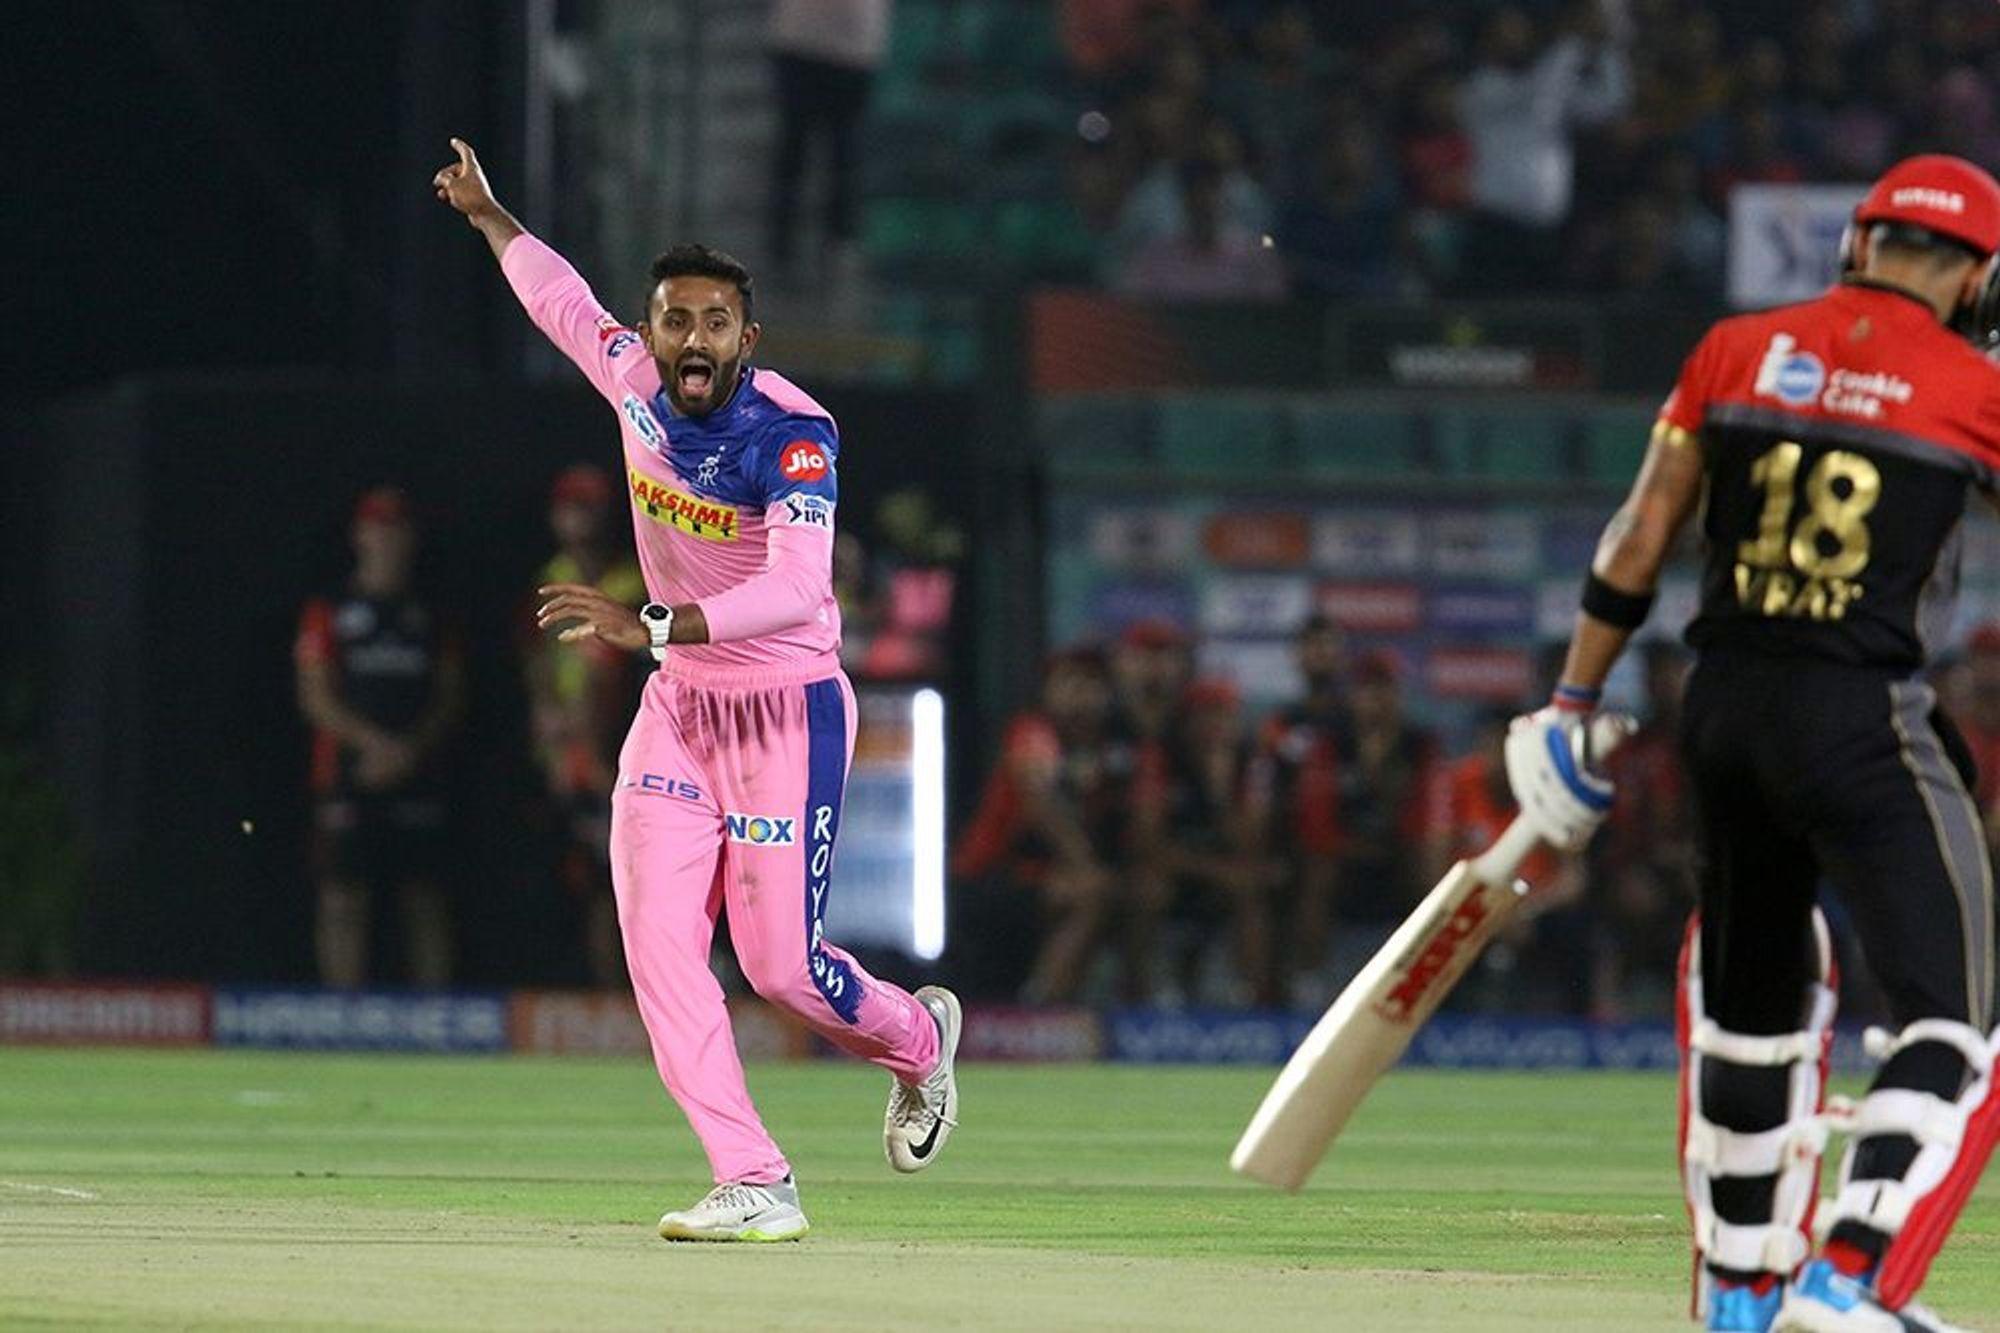 रॉयल चैलेंजर्स बैंगलौर की पारी खत्म, ट्विटर पर छाए श्रेयस गोपाल वहीँ विराट कोहली का उड़ा मजाक 16